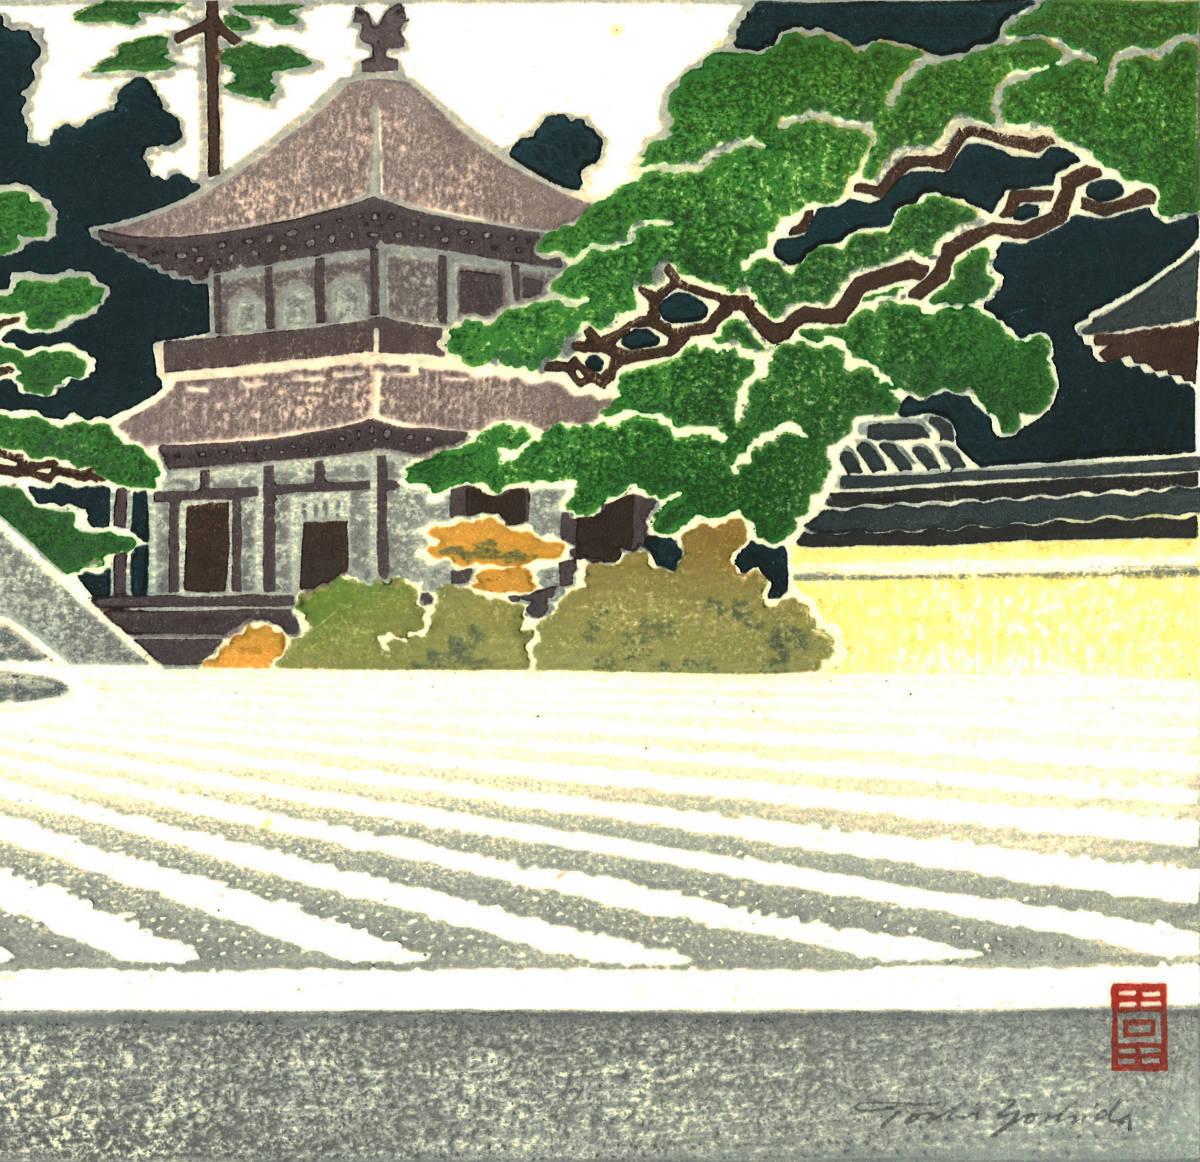 吉田遠志 木版画   016302 銀閣寺の庭  (Ginkakuji Garden)   初摺1963年  最高峰の摺師の技をご堪能下さい!!_画像7